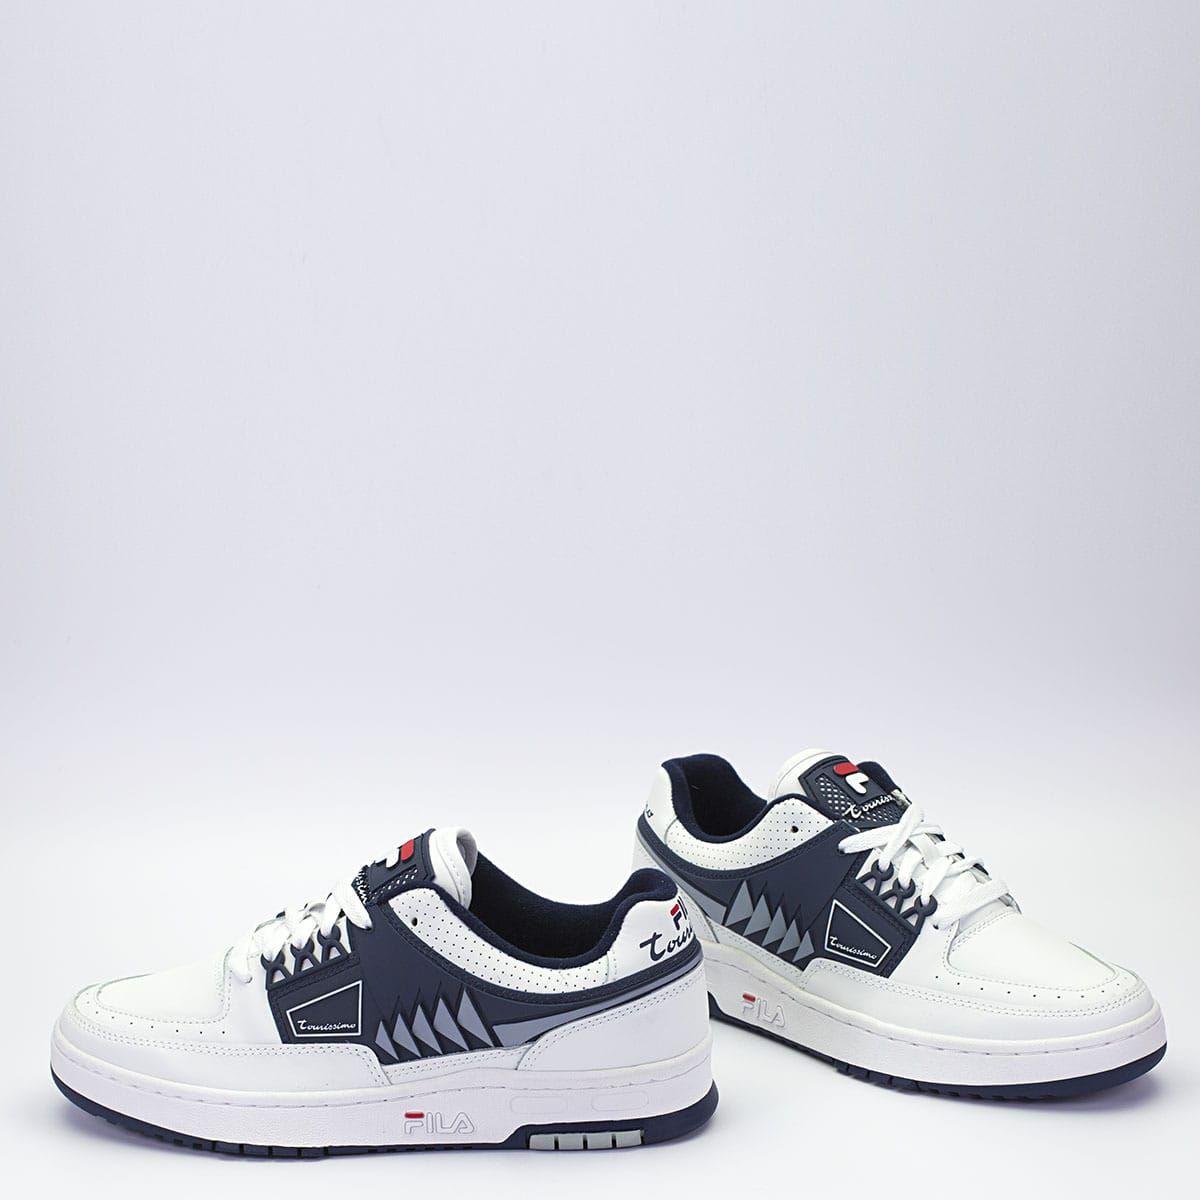 Fila Tourissimo Low   Retro sneakers